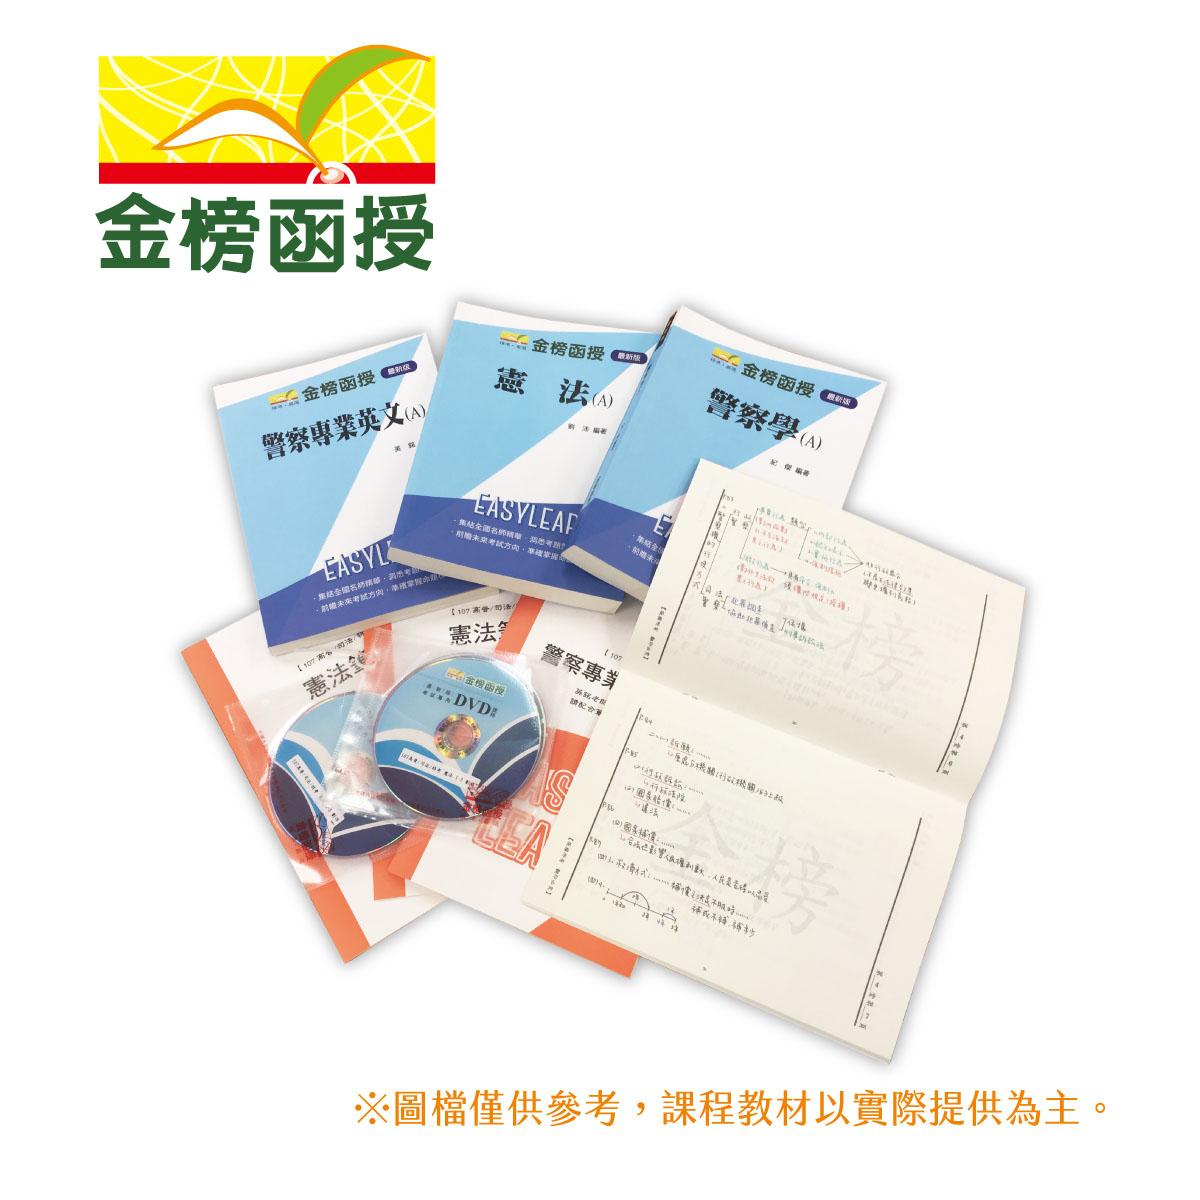 108金榜函授/初等考/全套/一般行政/云端